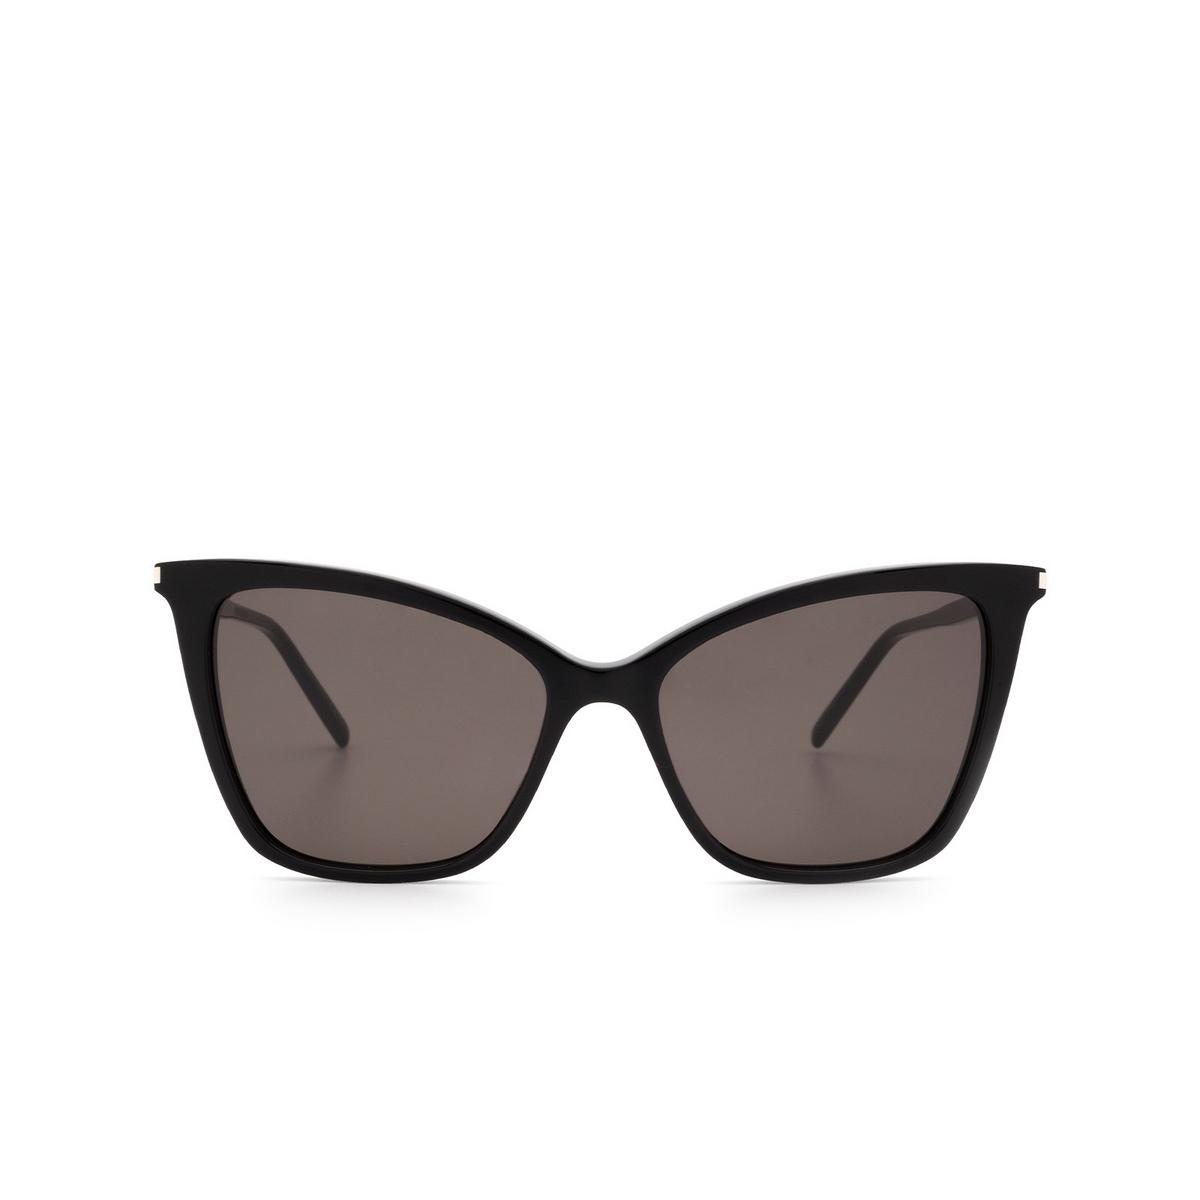 Saint Laurent® Cat-eye Sunglasses: SL 384 color Black 001 - 1/3.